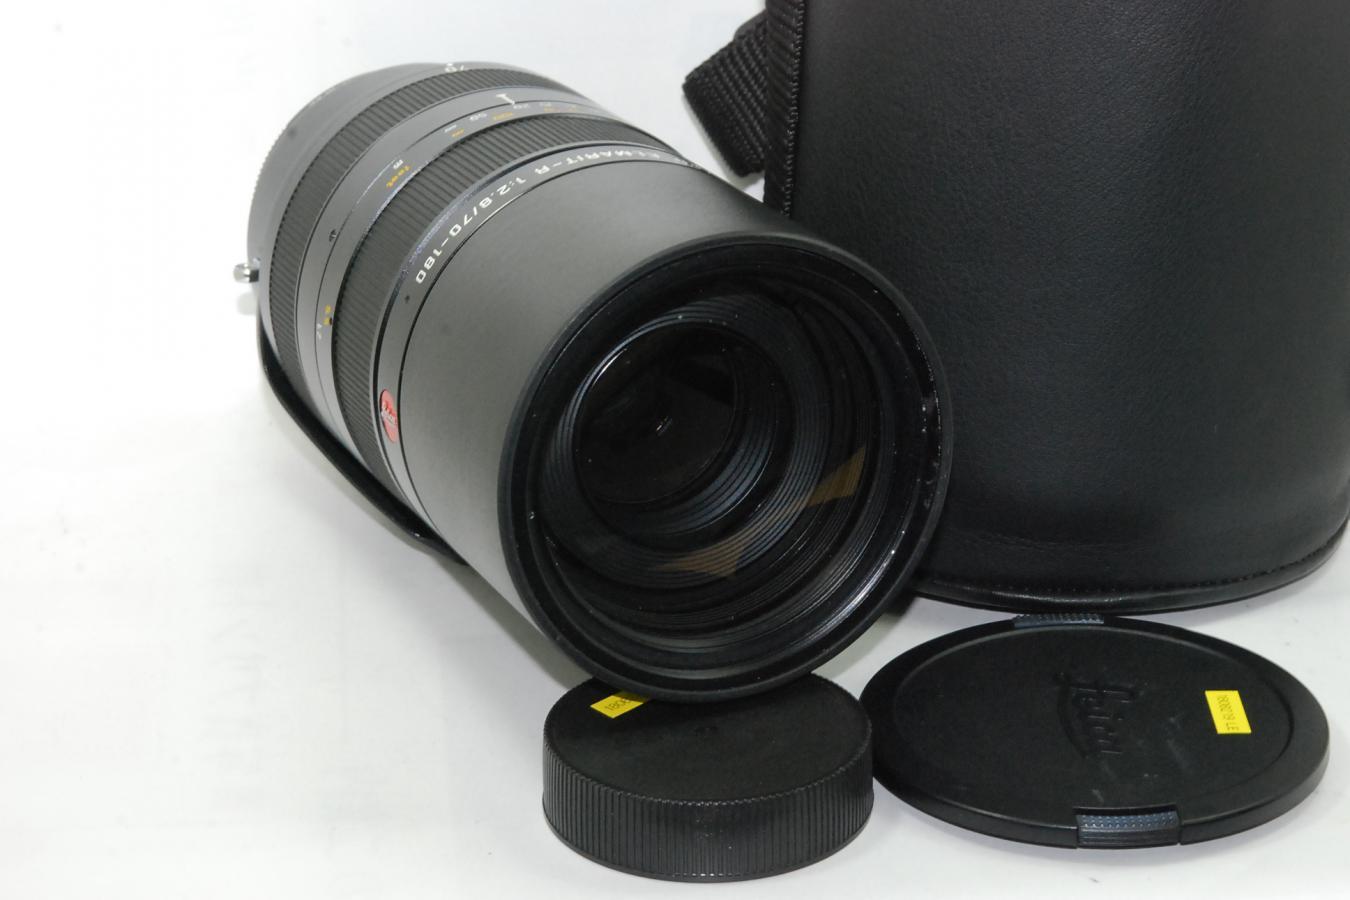 【珍 品】 LEICA VARIO APO ELMARIT-R 70-180mm F2.8 Rカム 【純正専用ケース付】